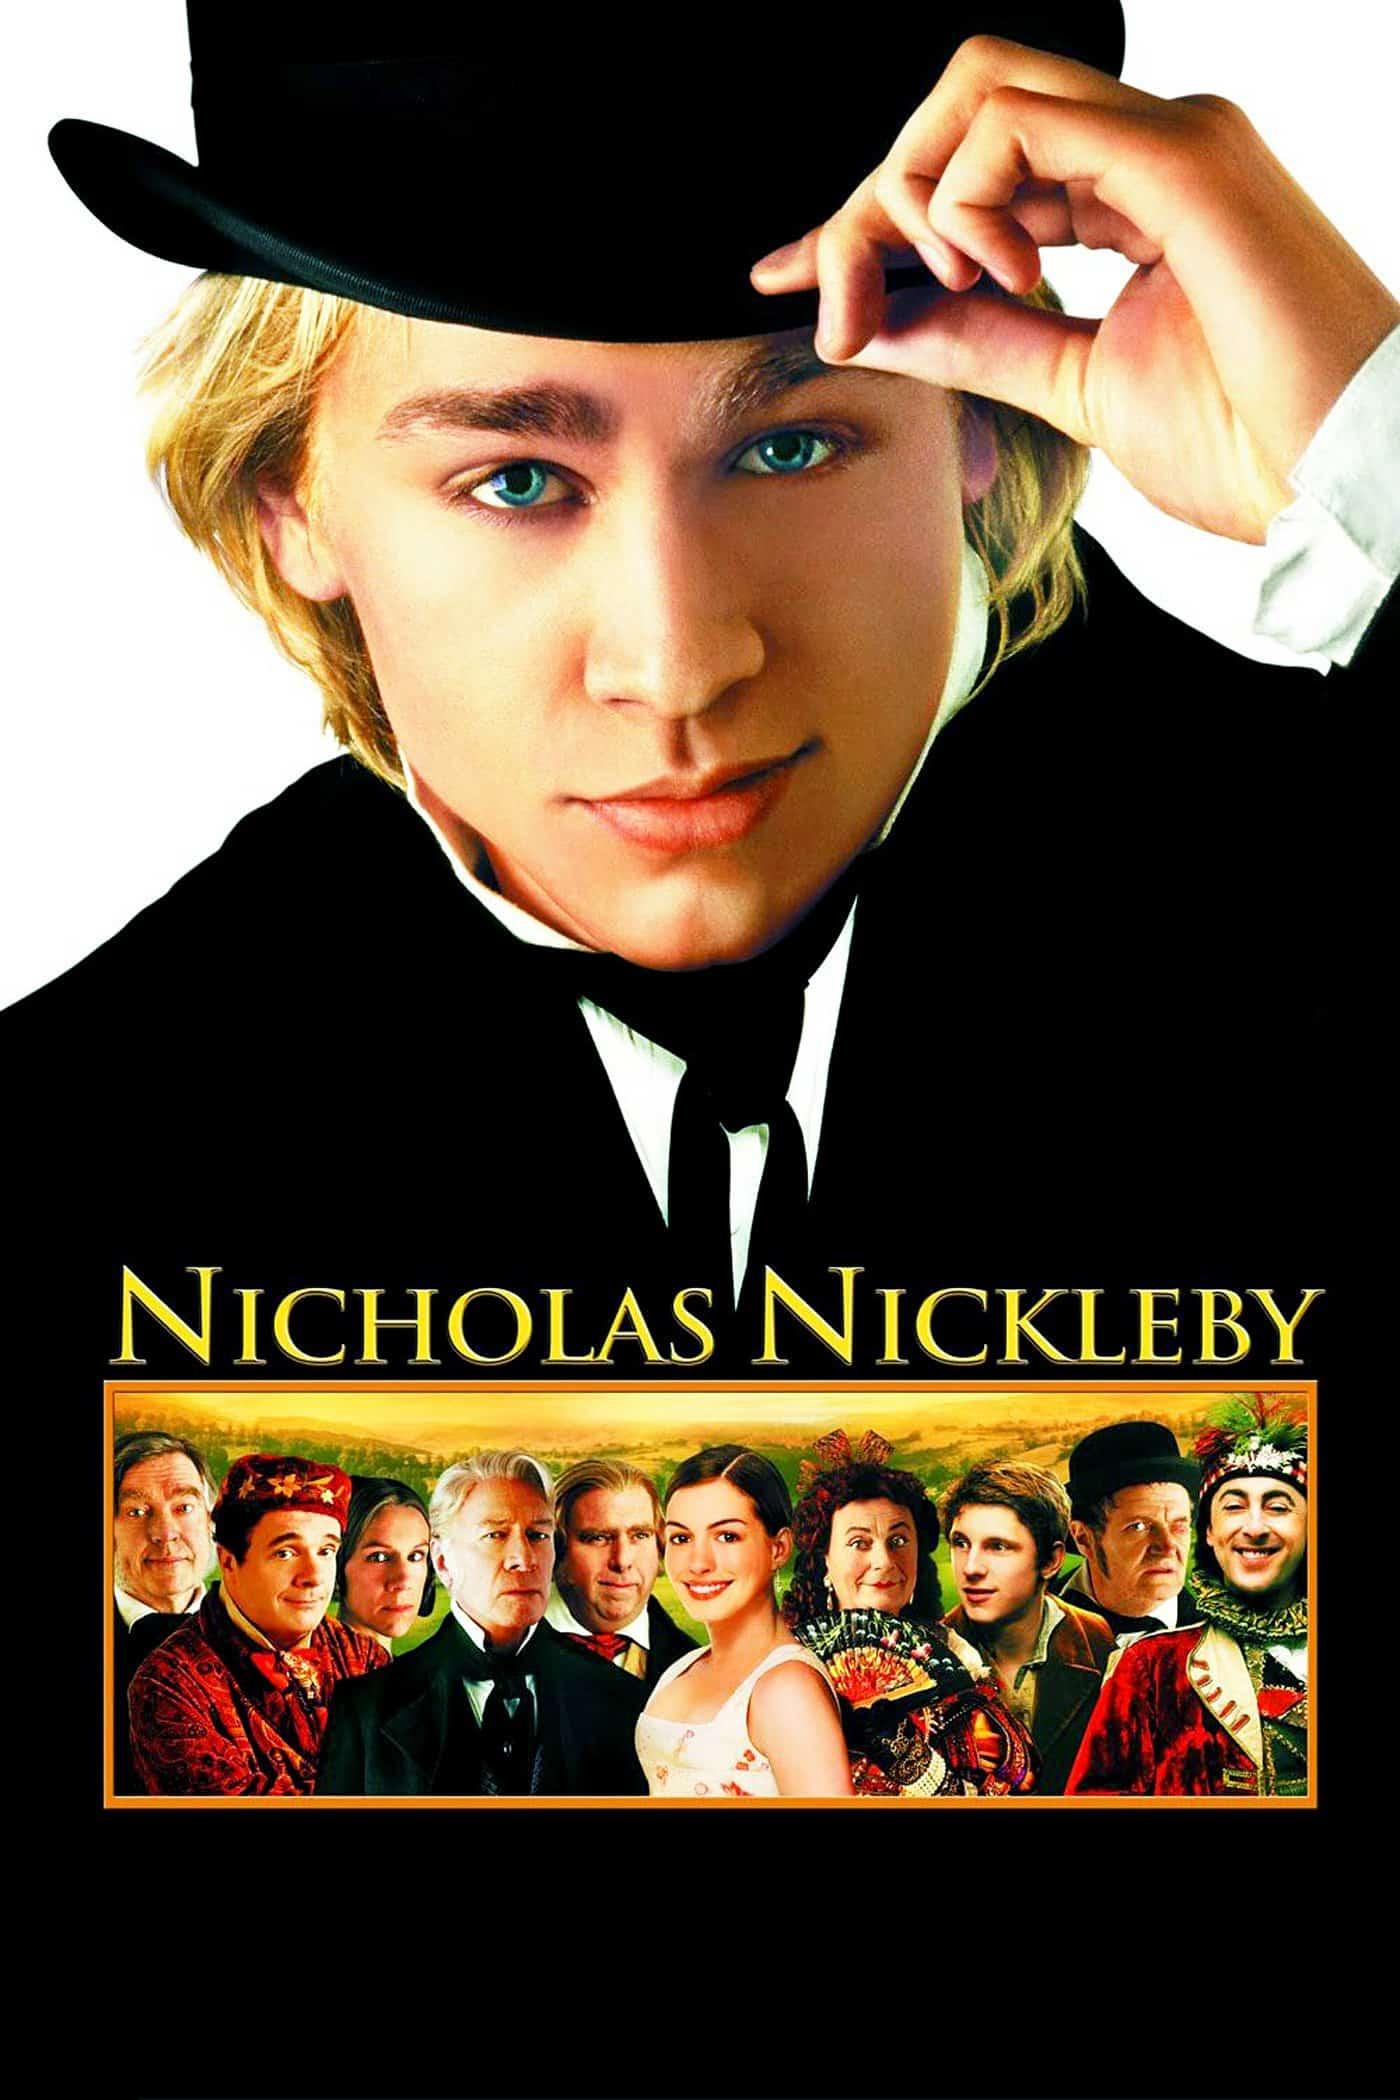 Nicholas Nickleby, 2002